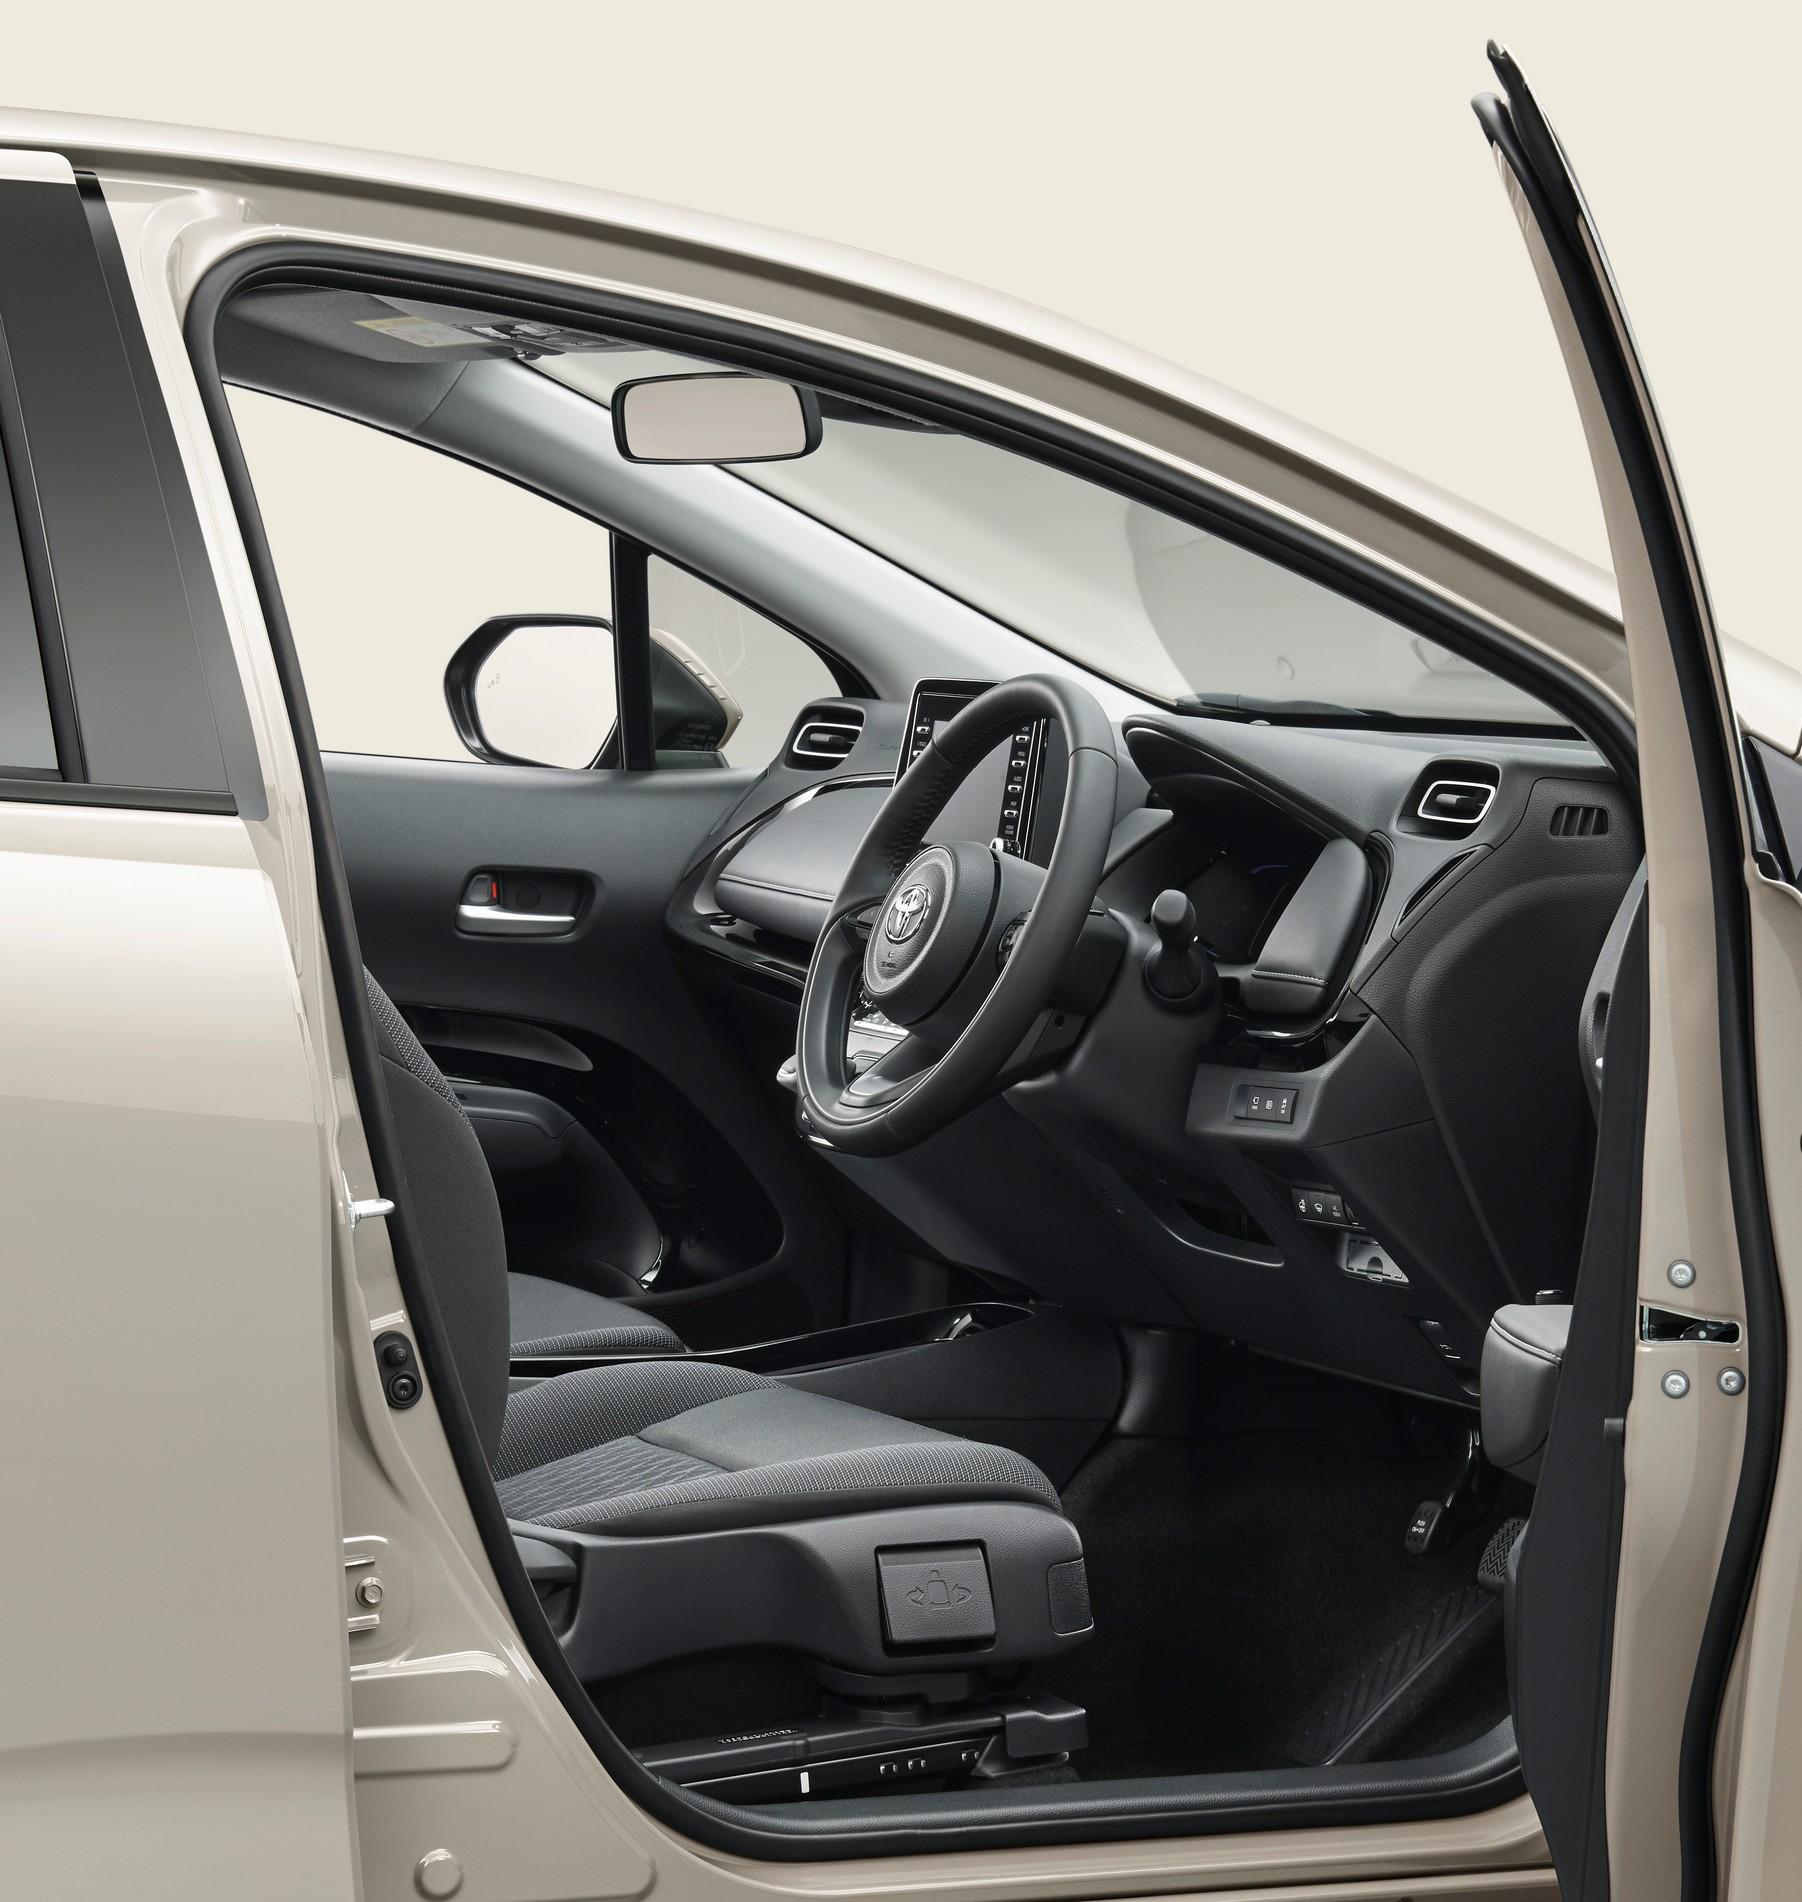 2022-Toyota-Aqua-21.jpg